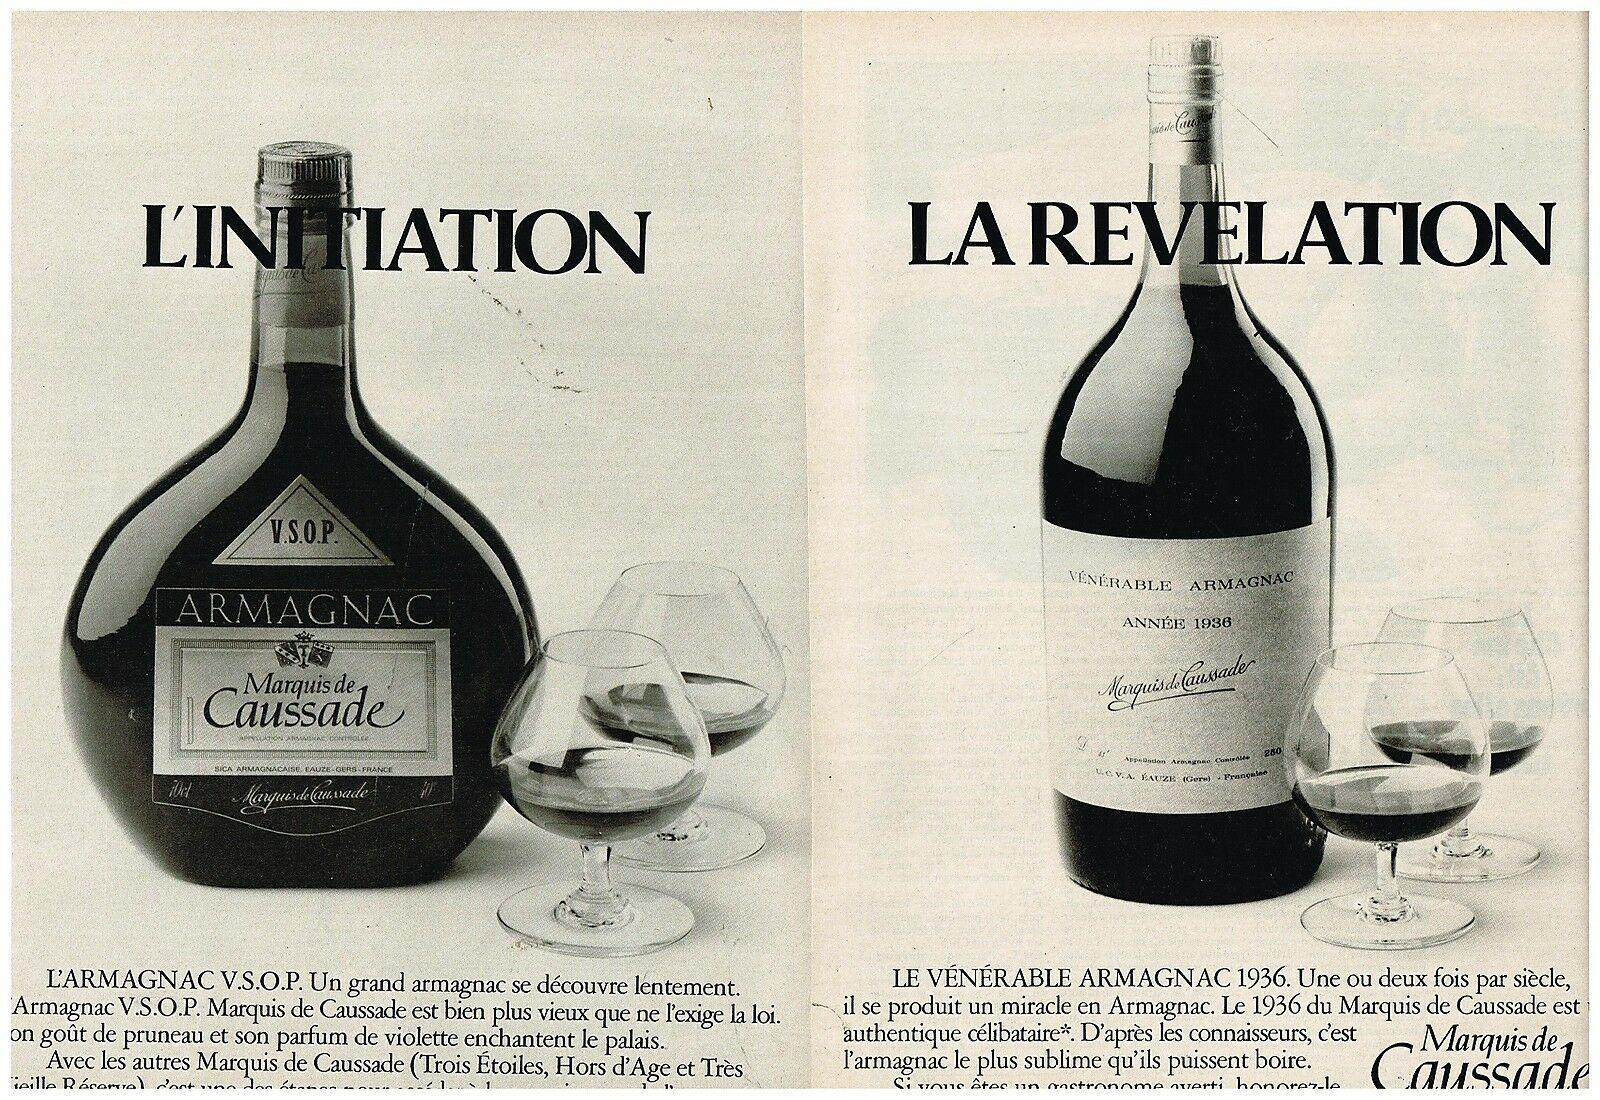 1977 Les Armagnacs Marquis de Caussade